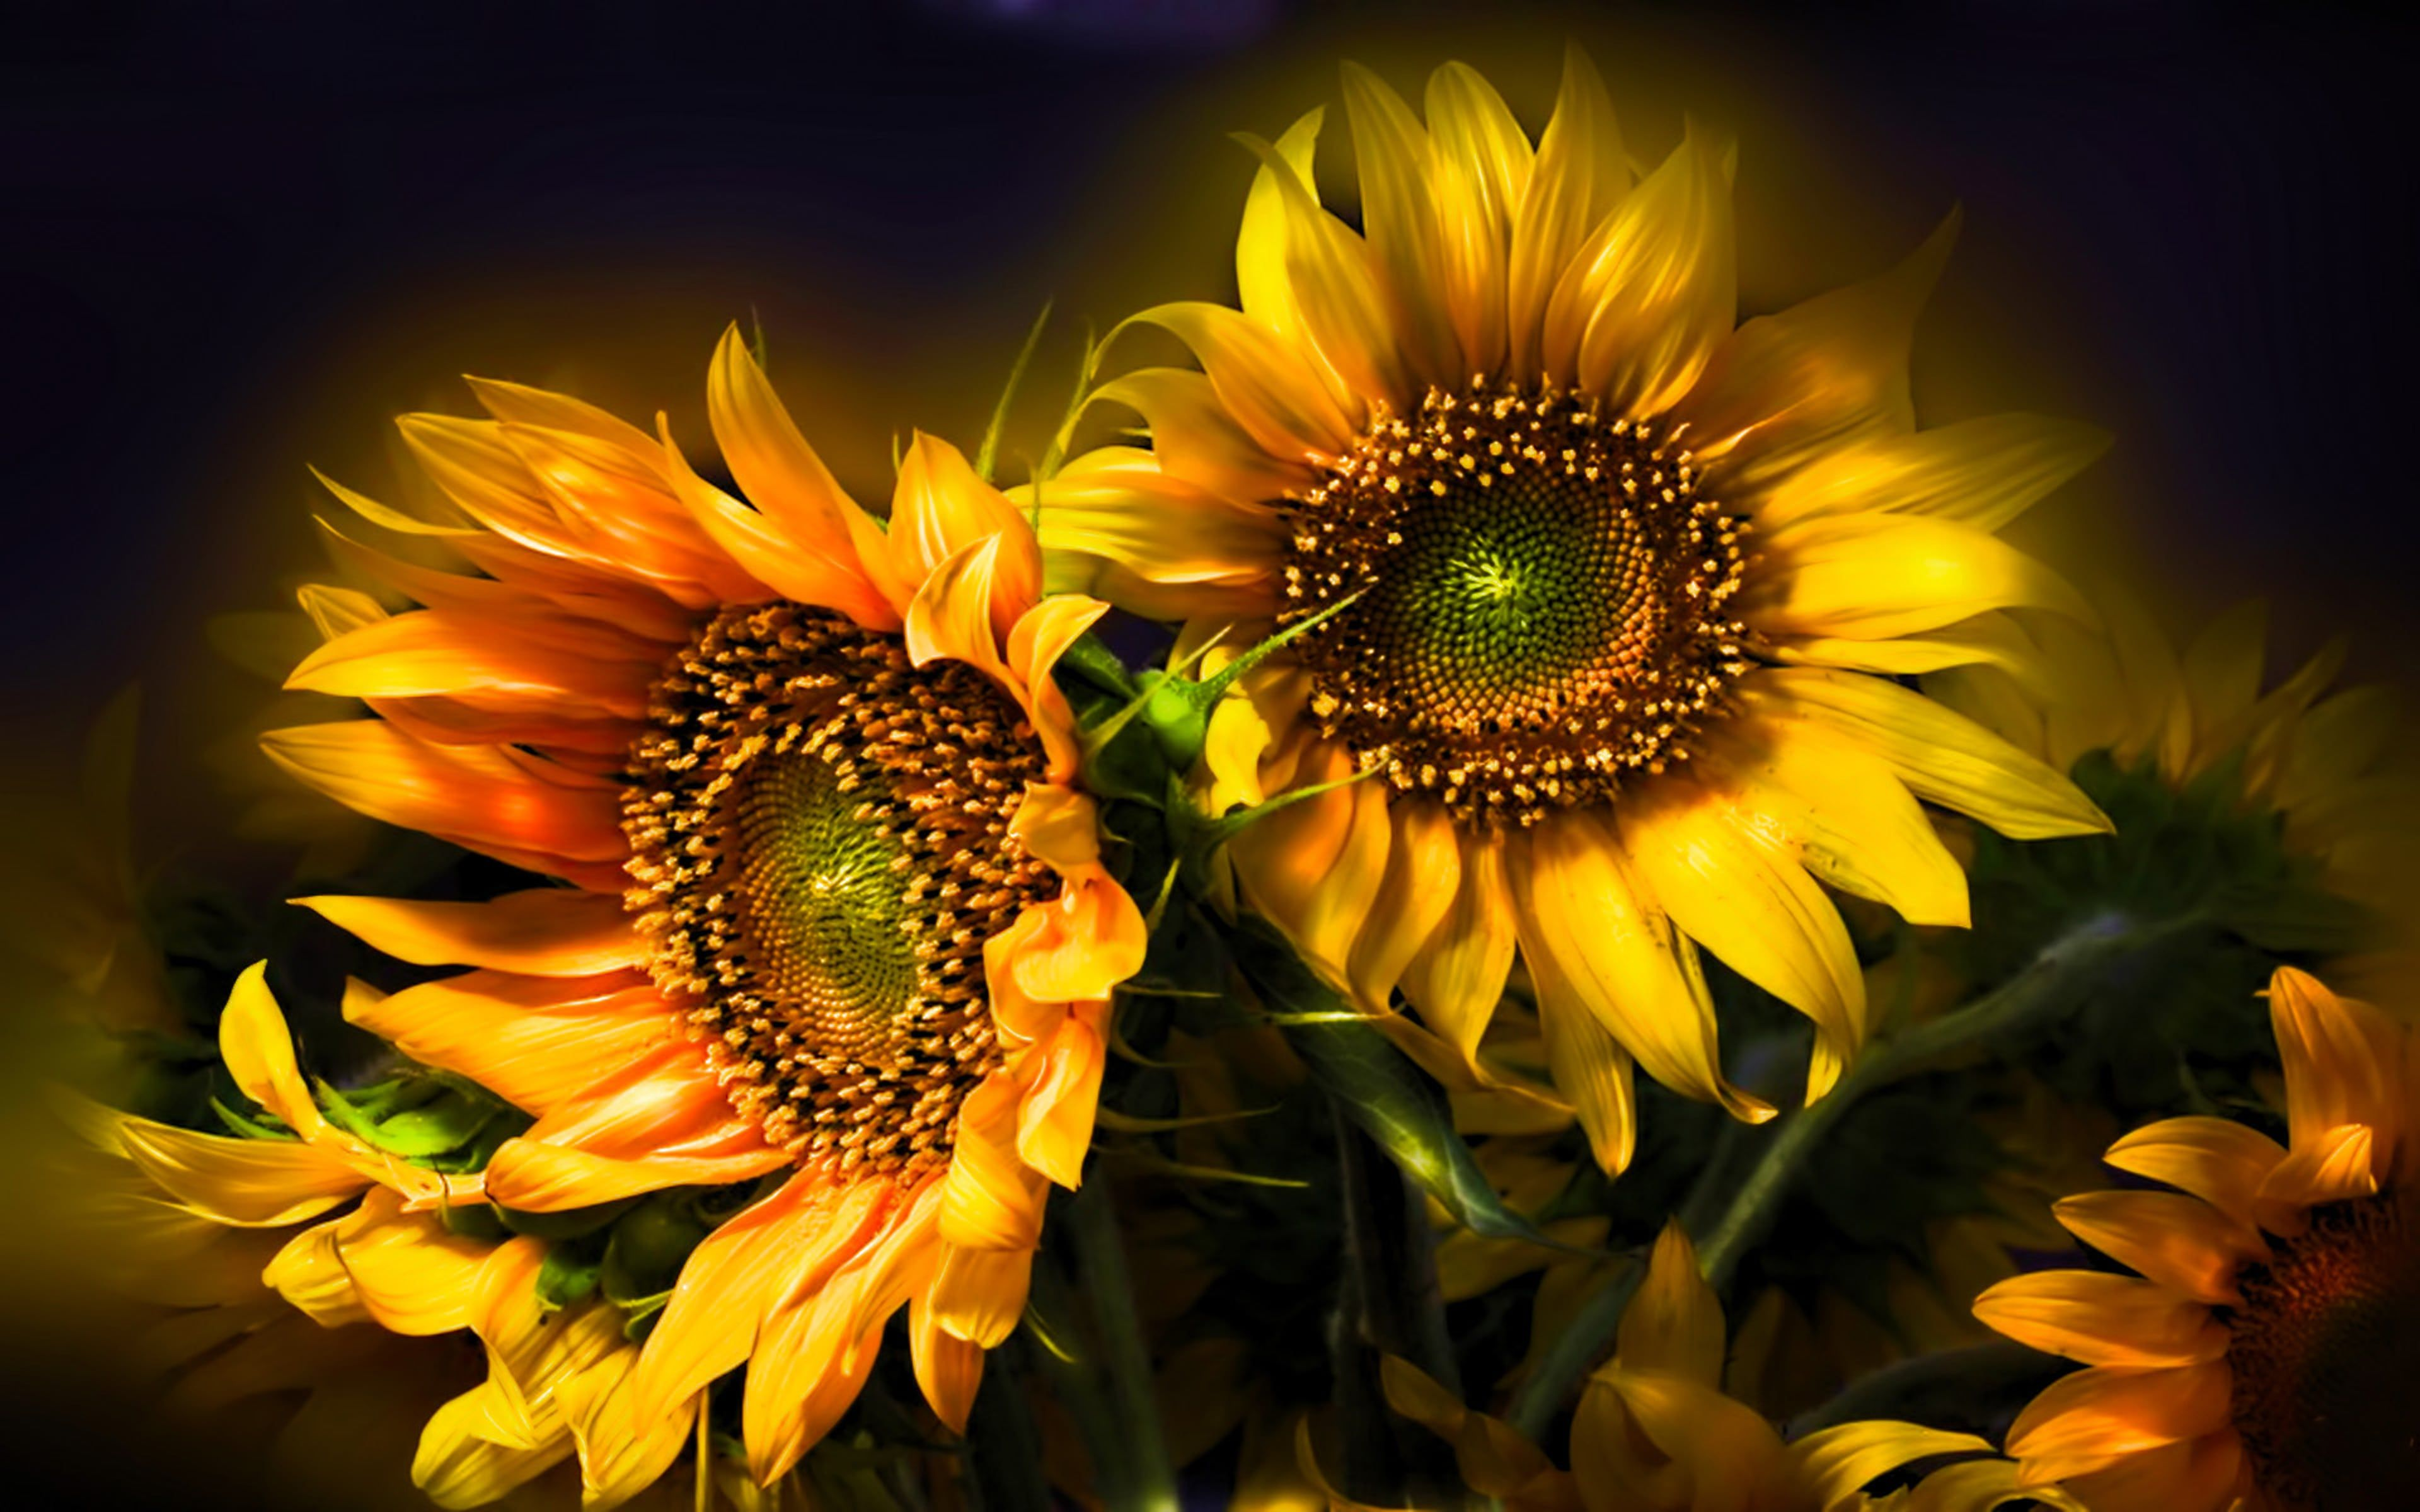 Sunflower Beautiful Abstract 4k Sunflower wallpaper